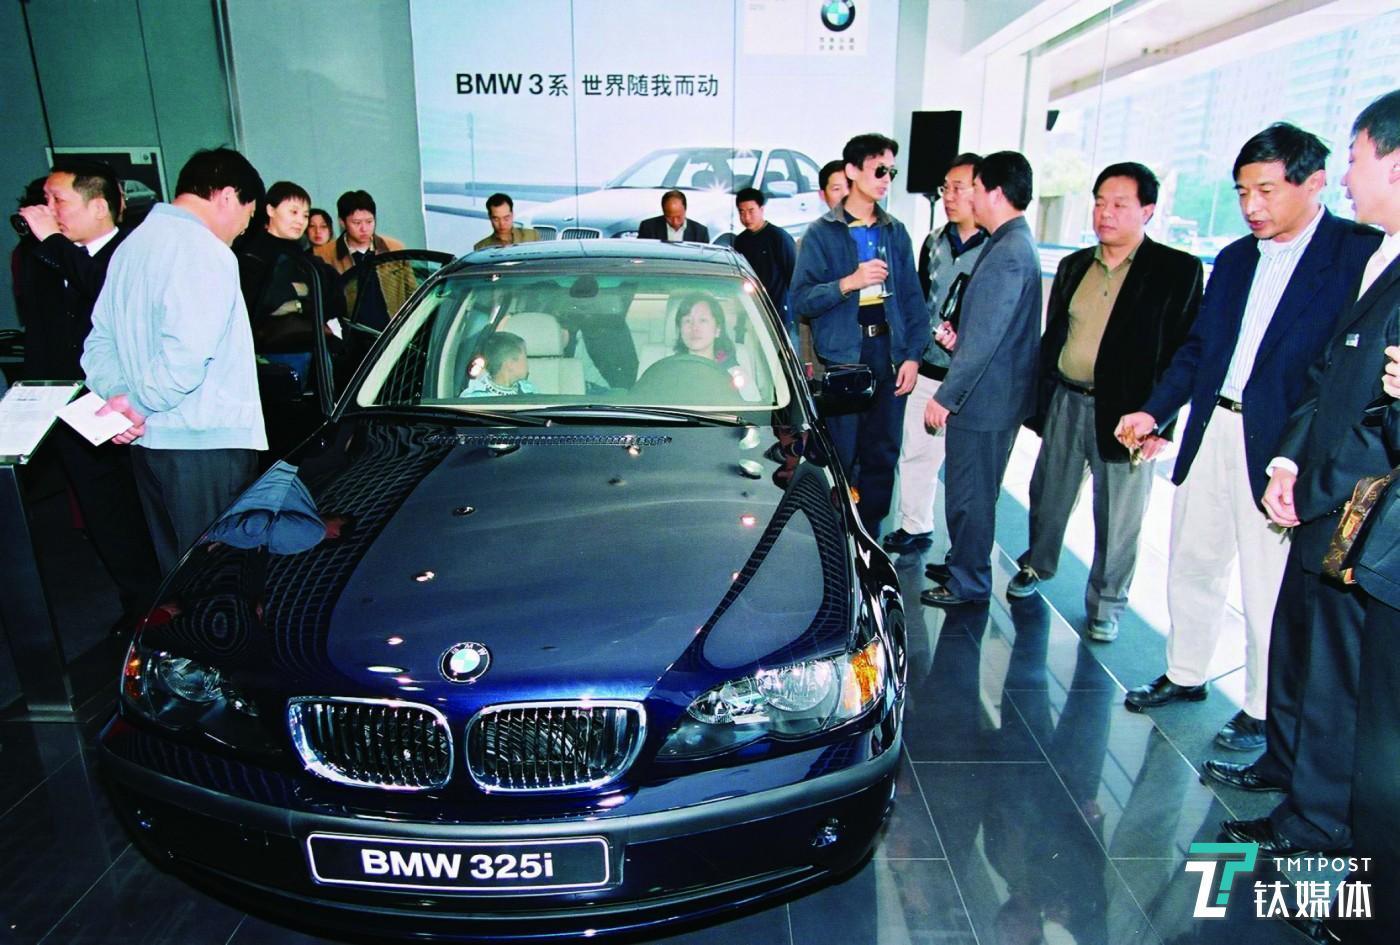 2003年10月华晨宝马推出首款车型BMW 325i